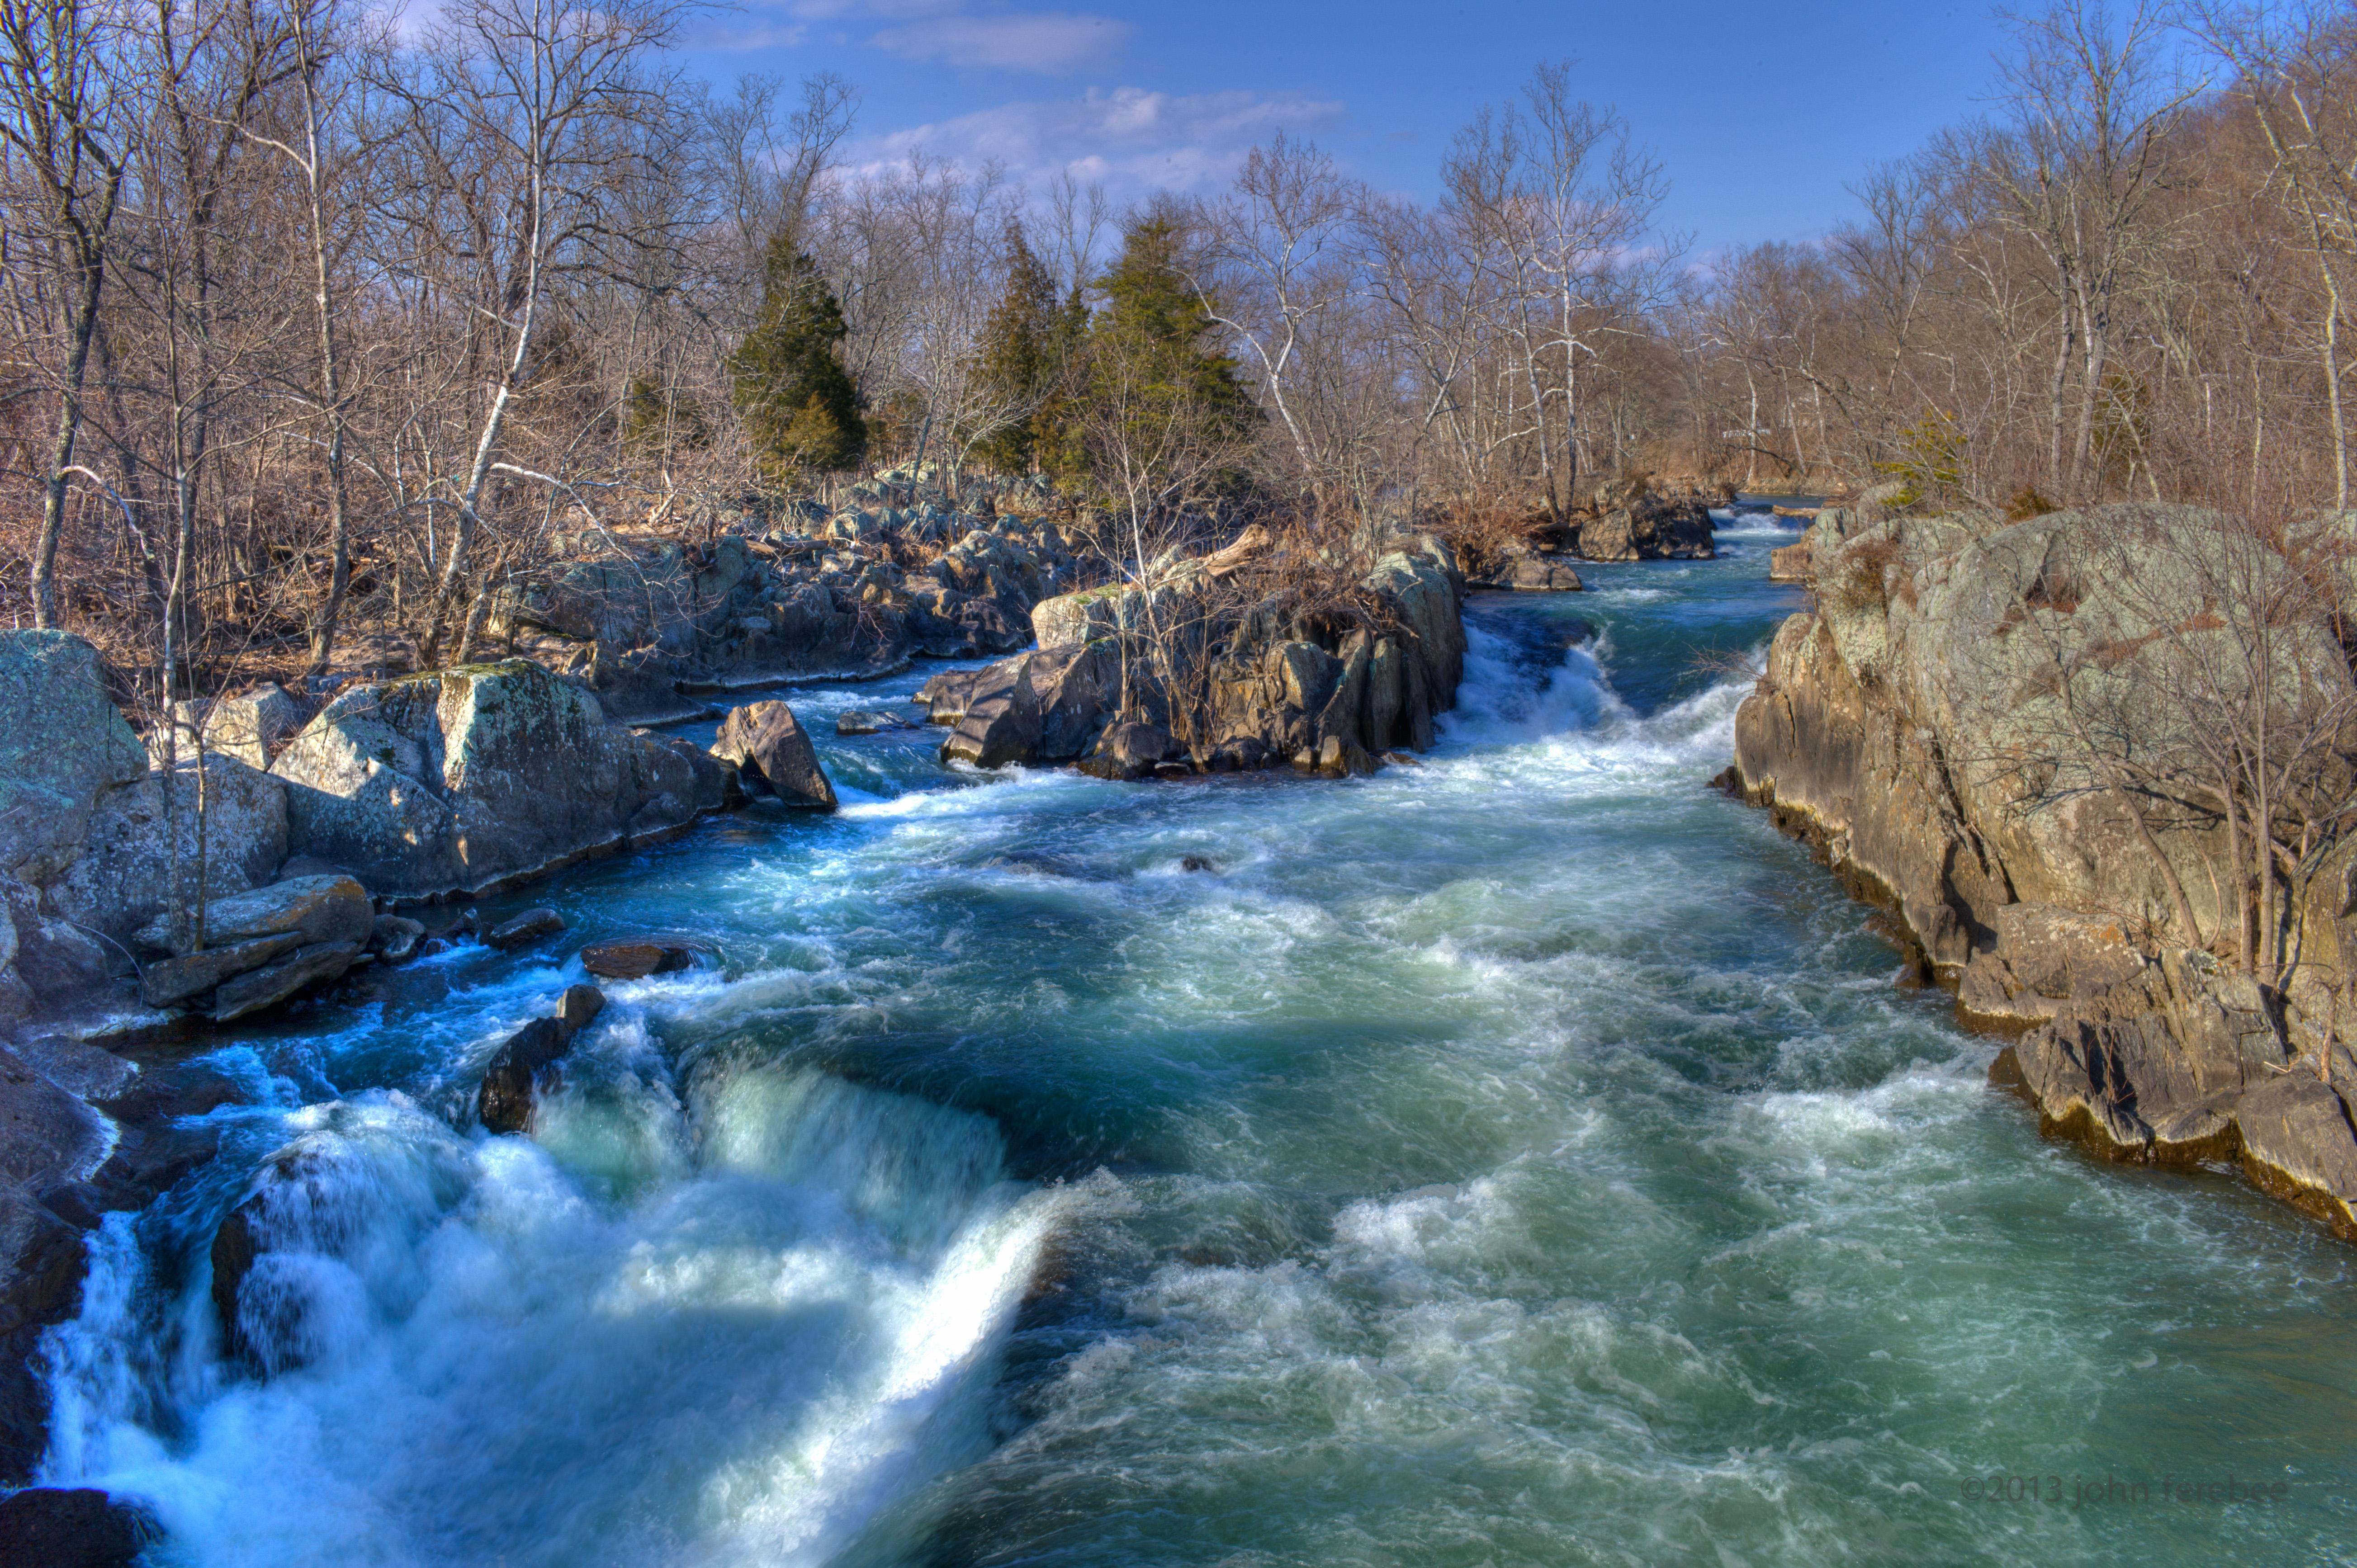 Patomic River Great Falls Park